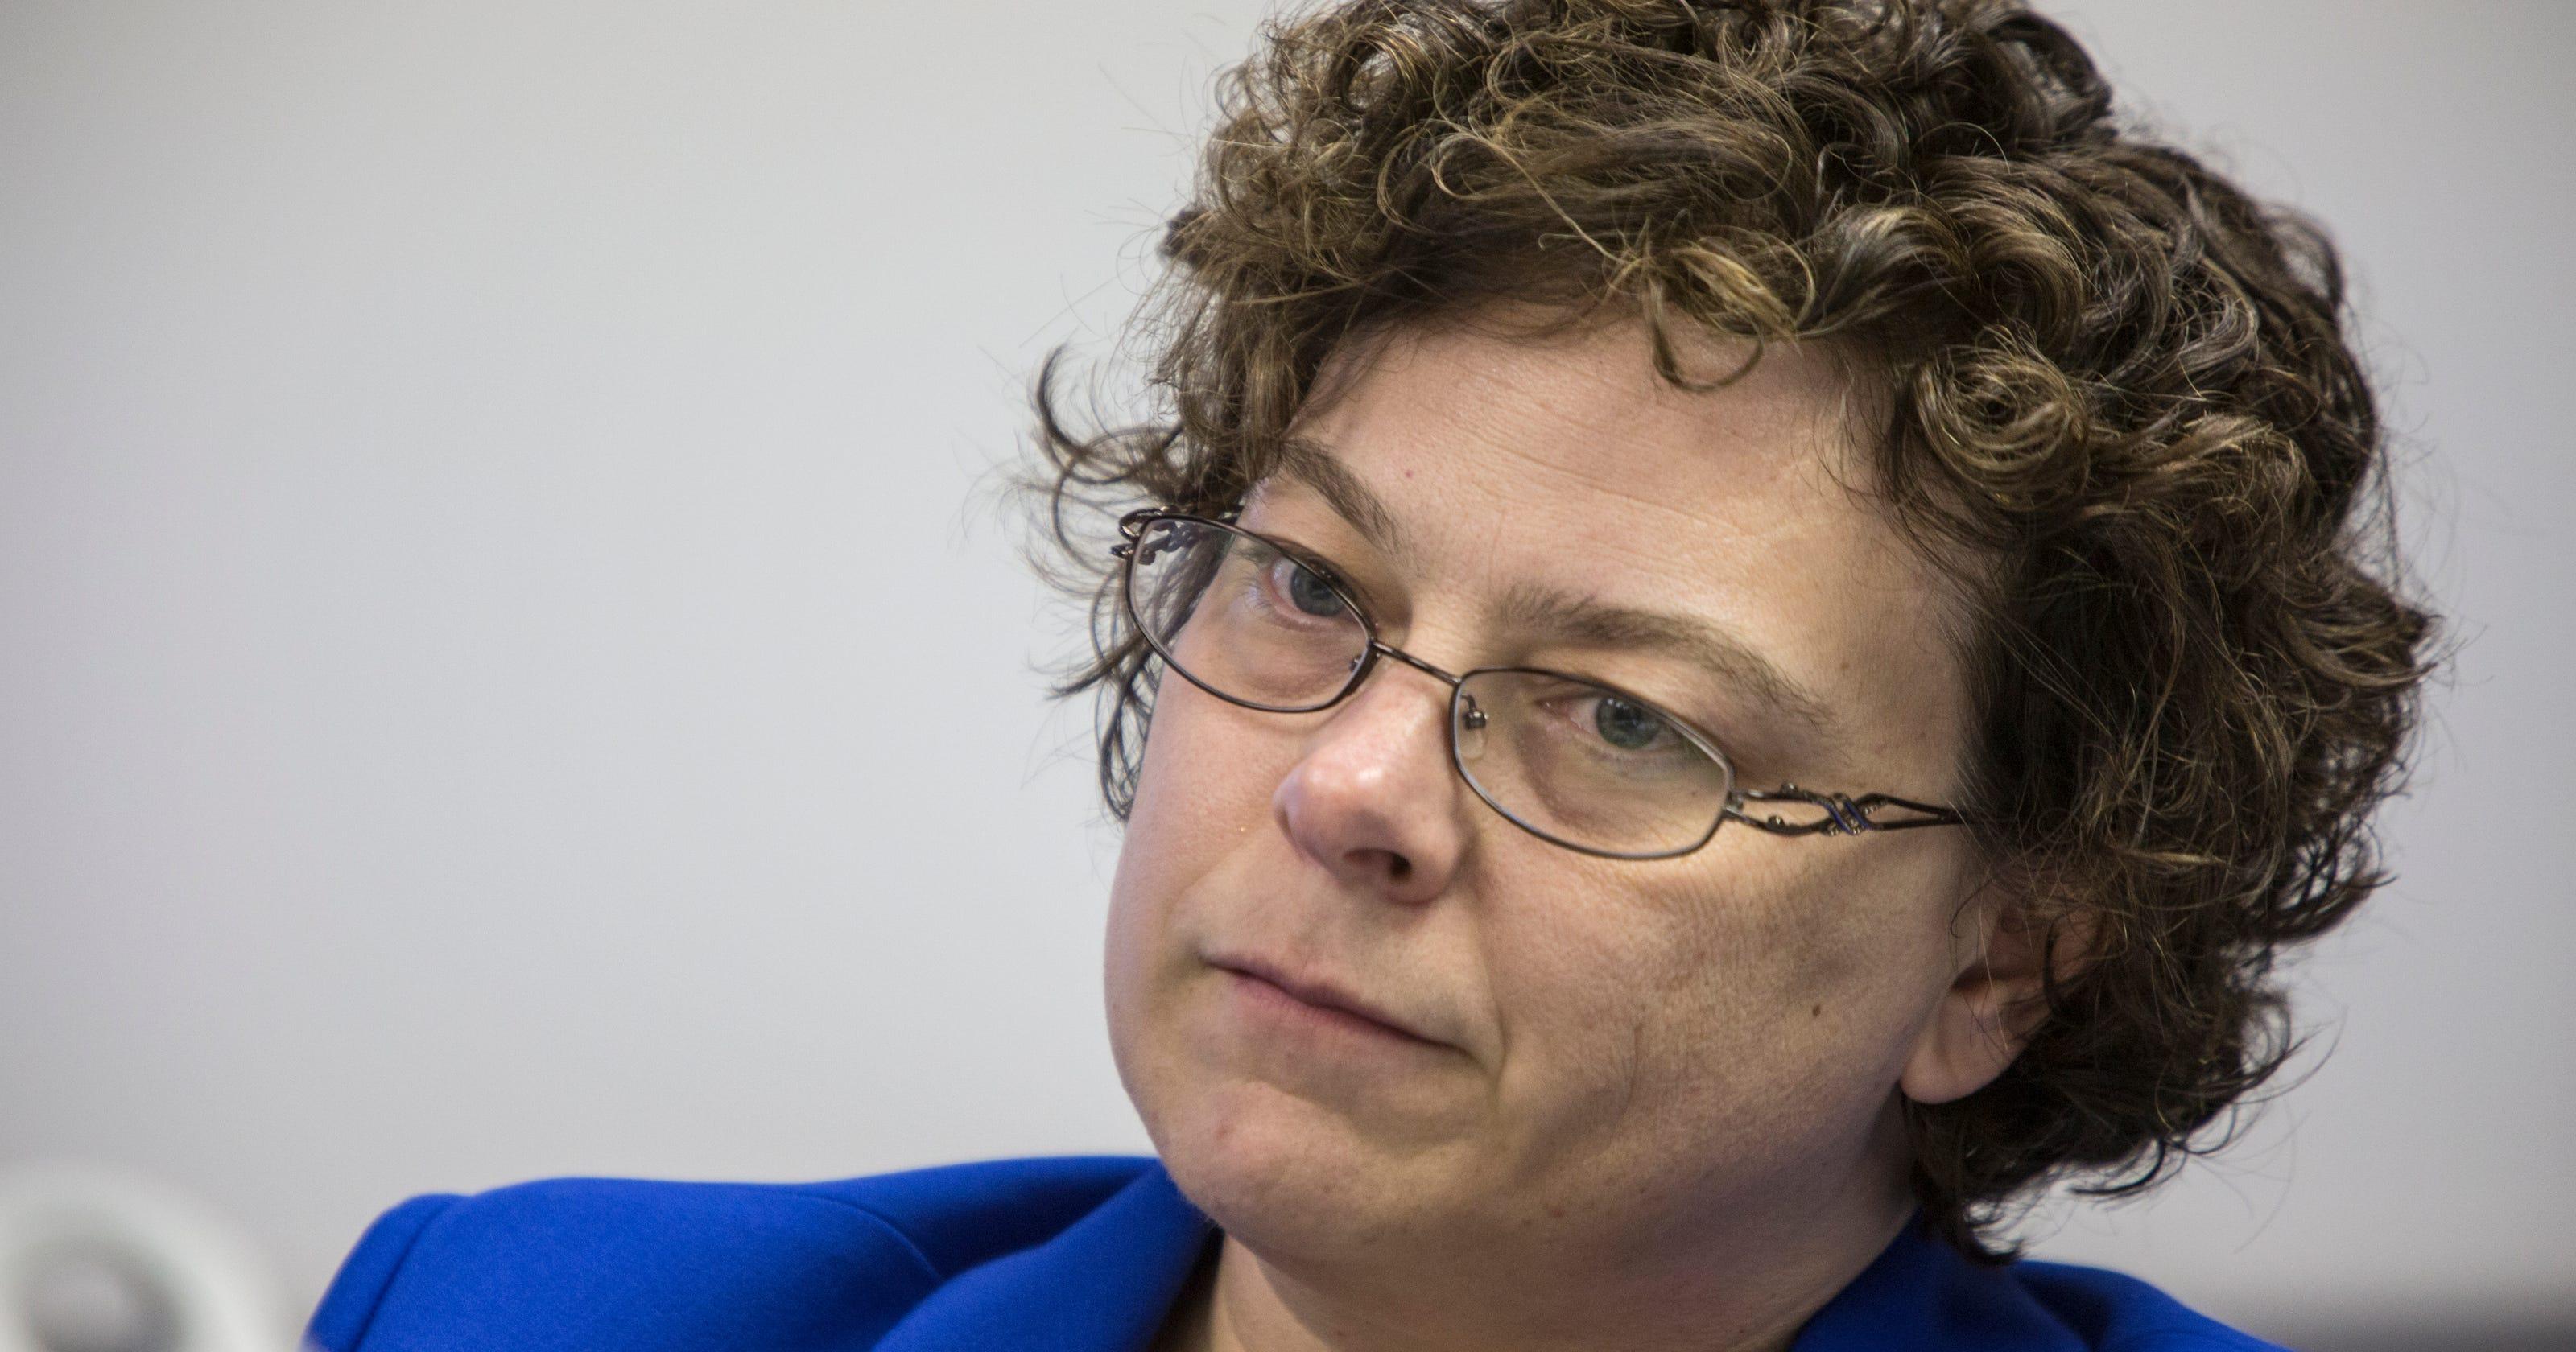 Kentucky moves to revoke '25 Again' hormone doctor's license